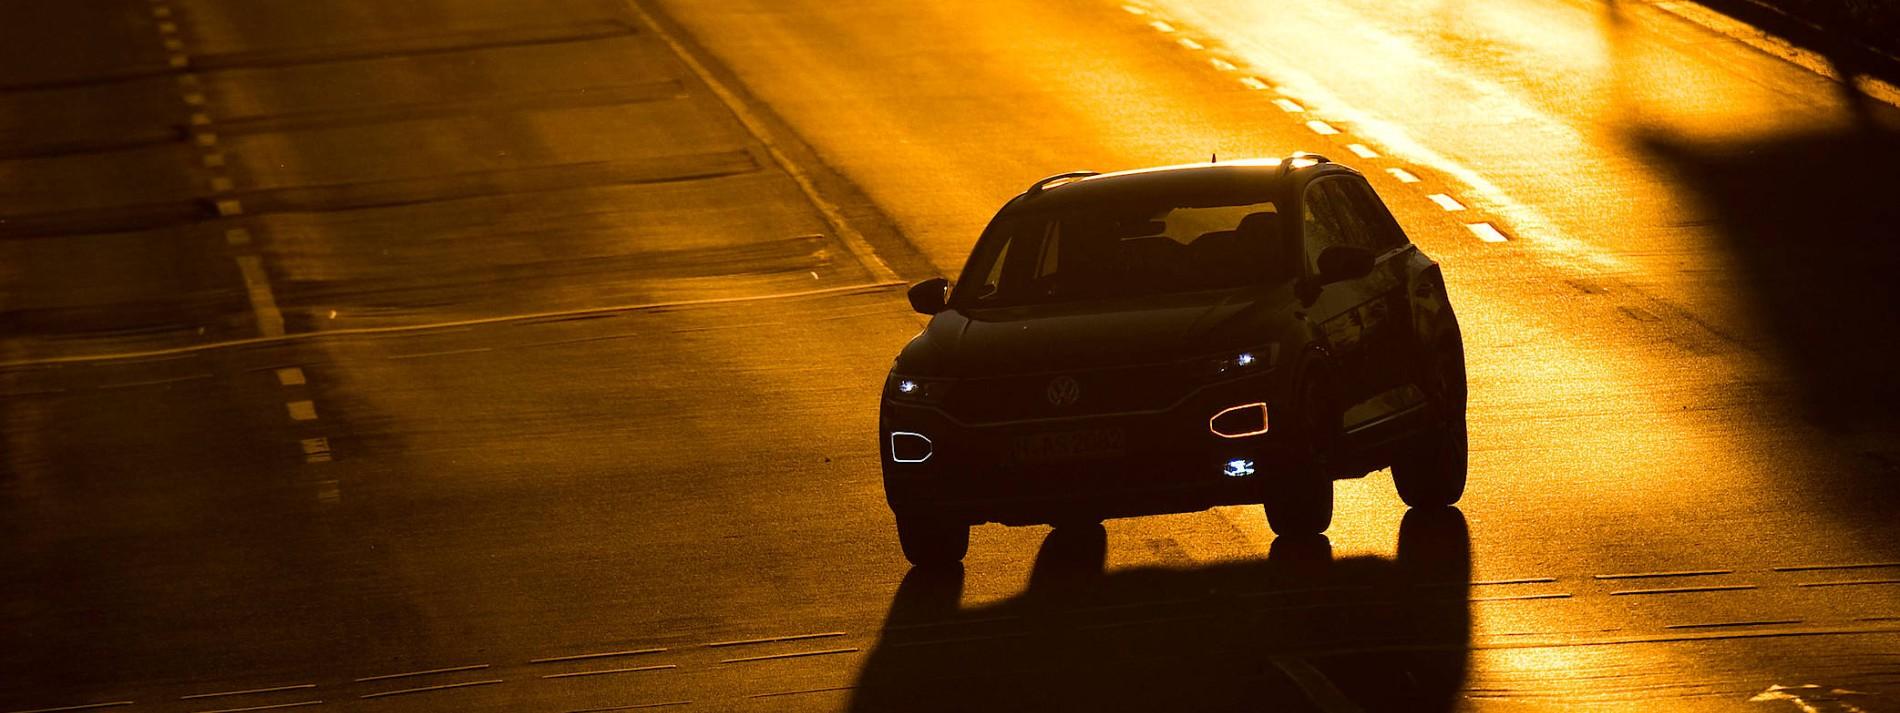 Mit dem Auto lebt Deutschland besser